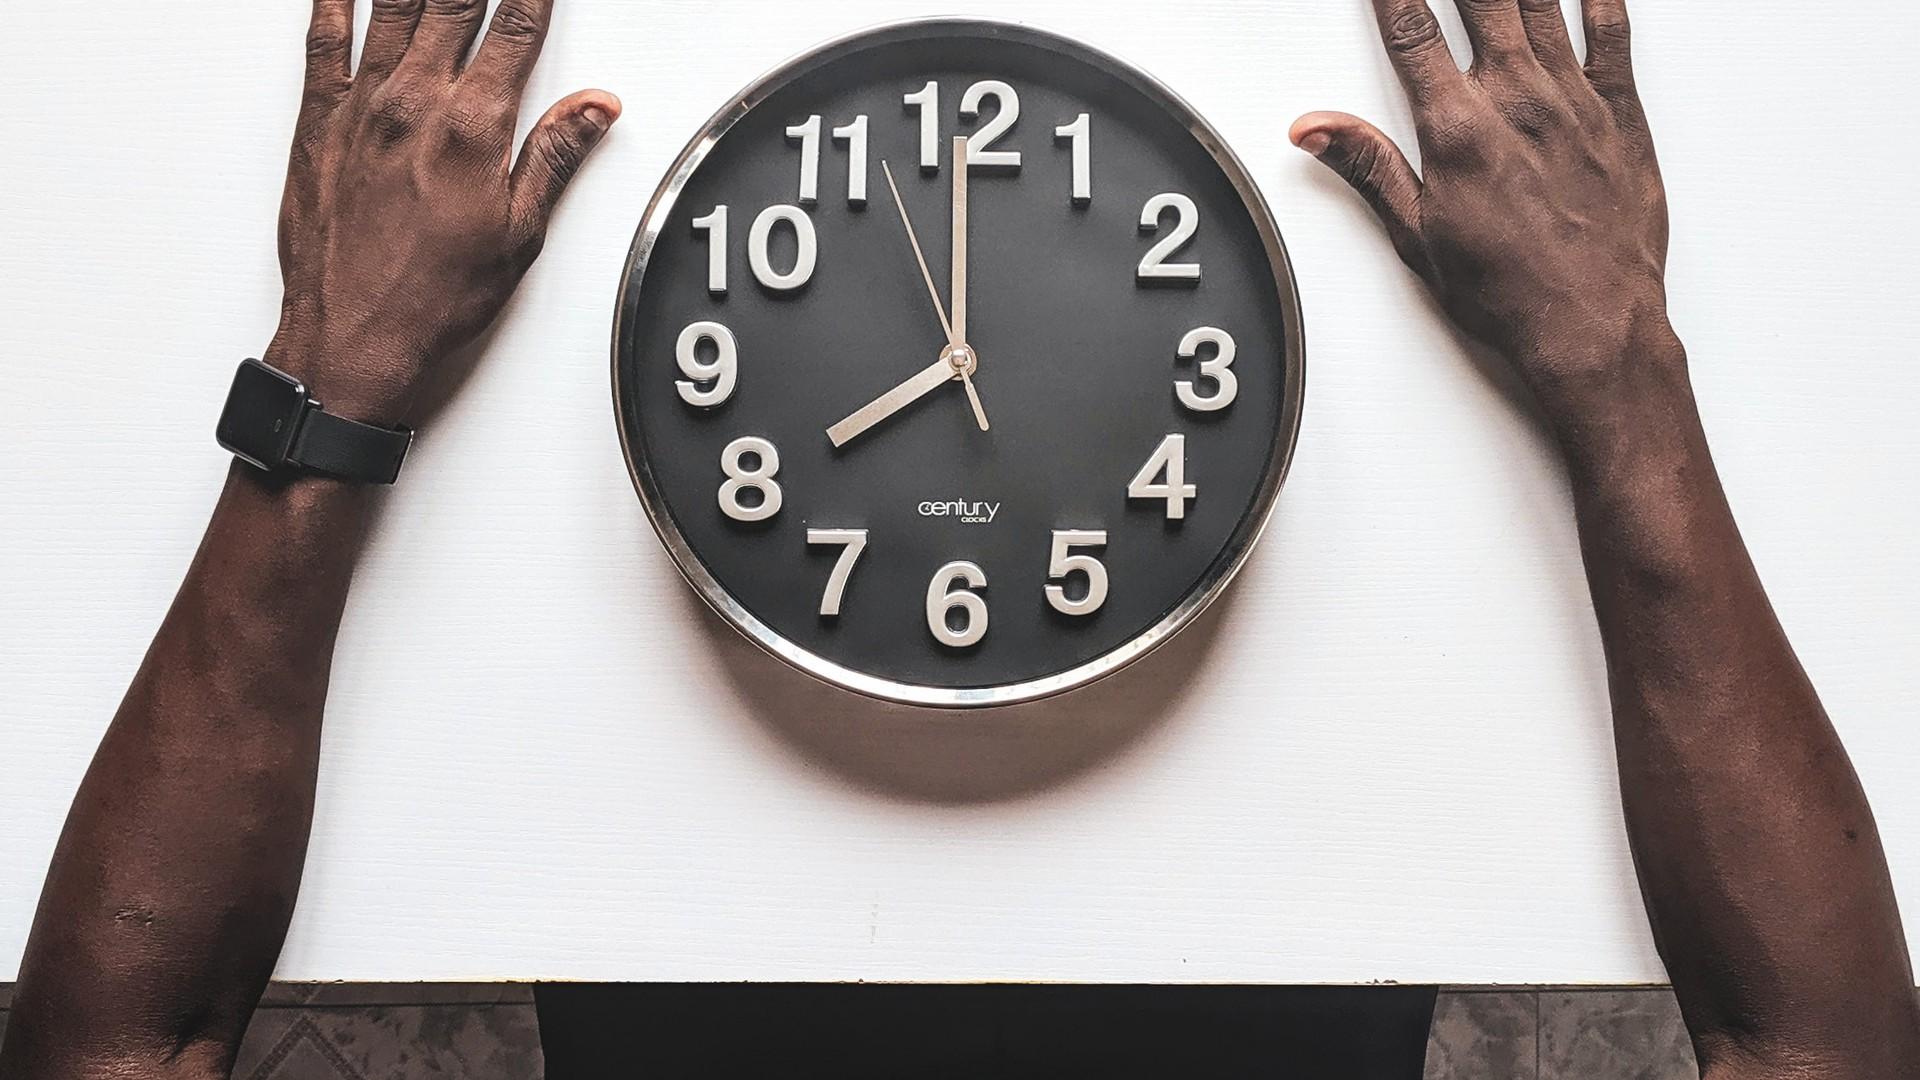 Mann-am-Esstisch-mit-Uhr-statt-Teller.jpg